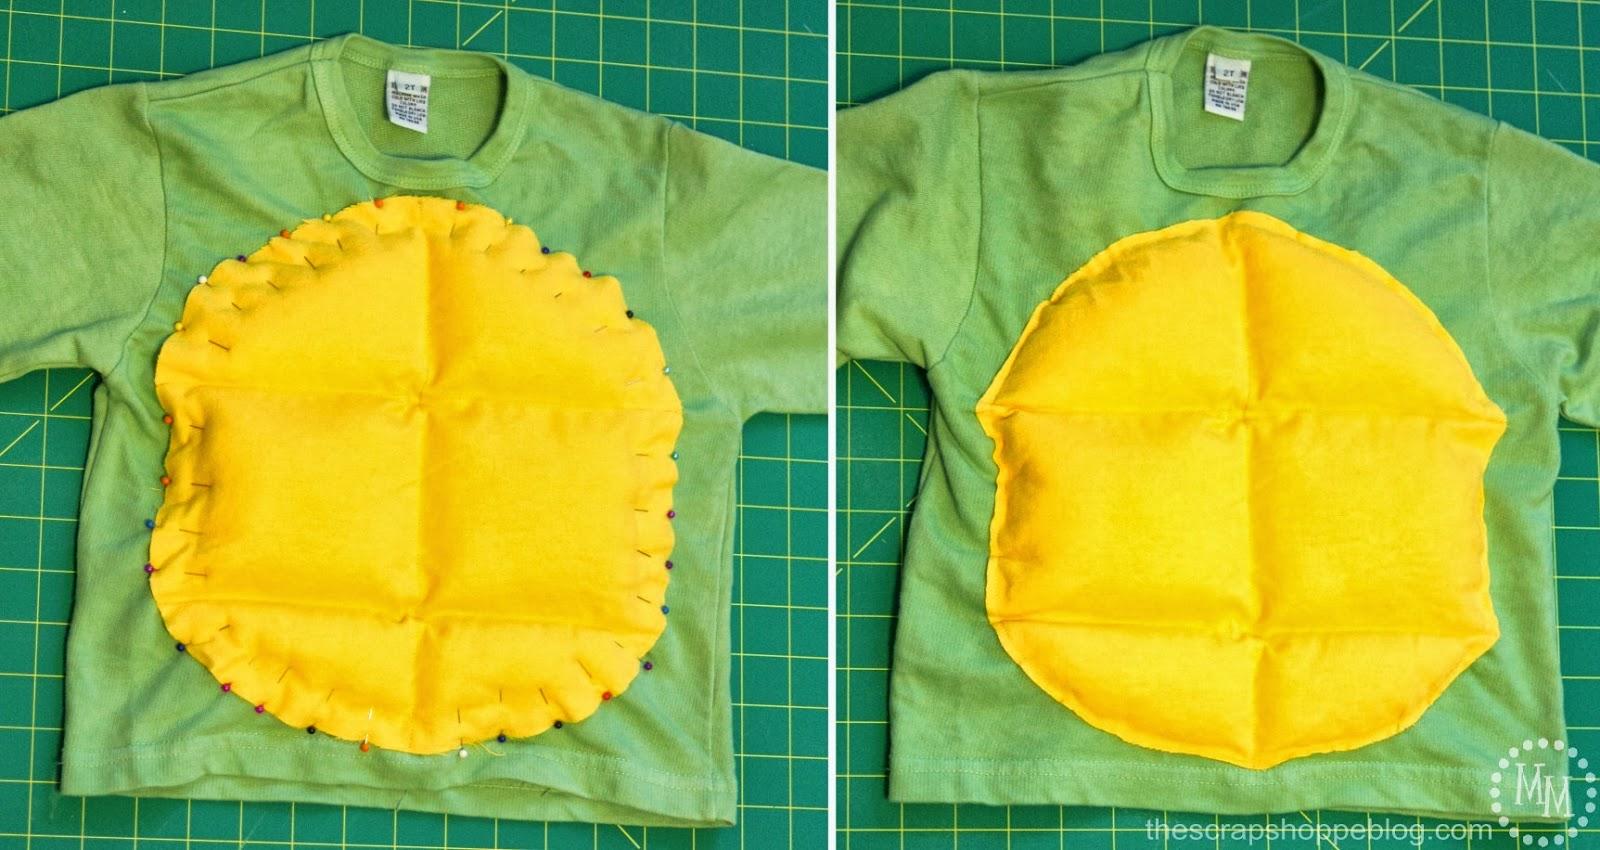 & Teenage Mutant Ninja Turtle Costumes (TMNT) - The Scrap Shoppe